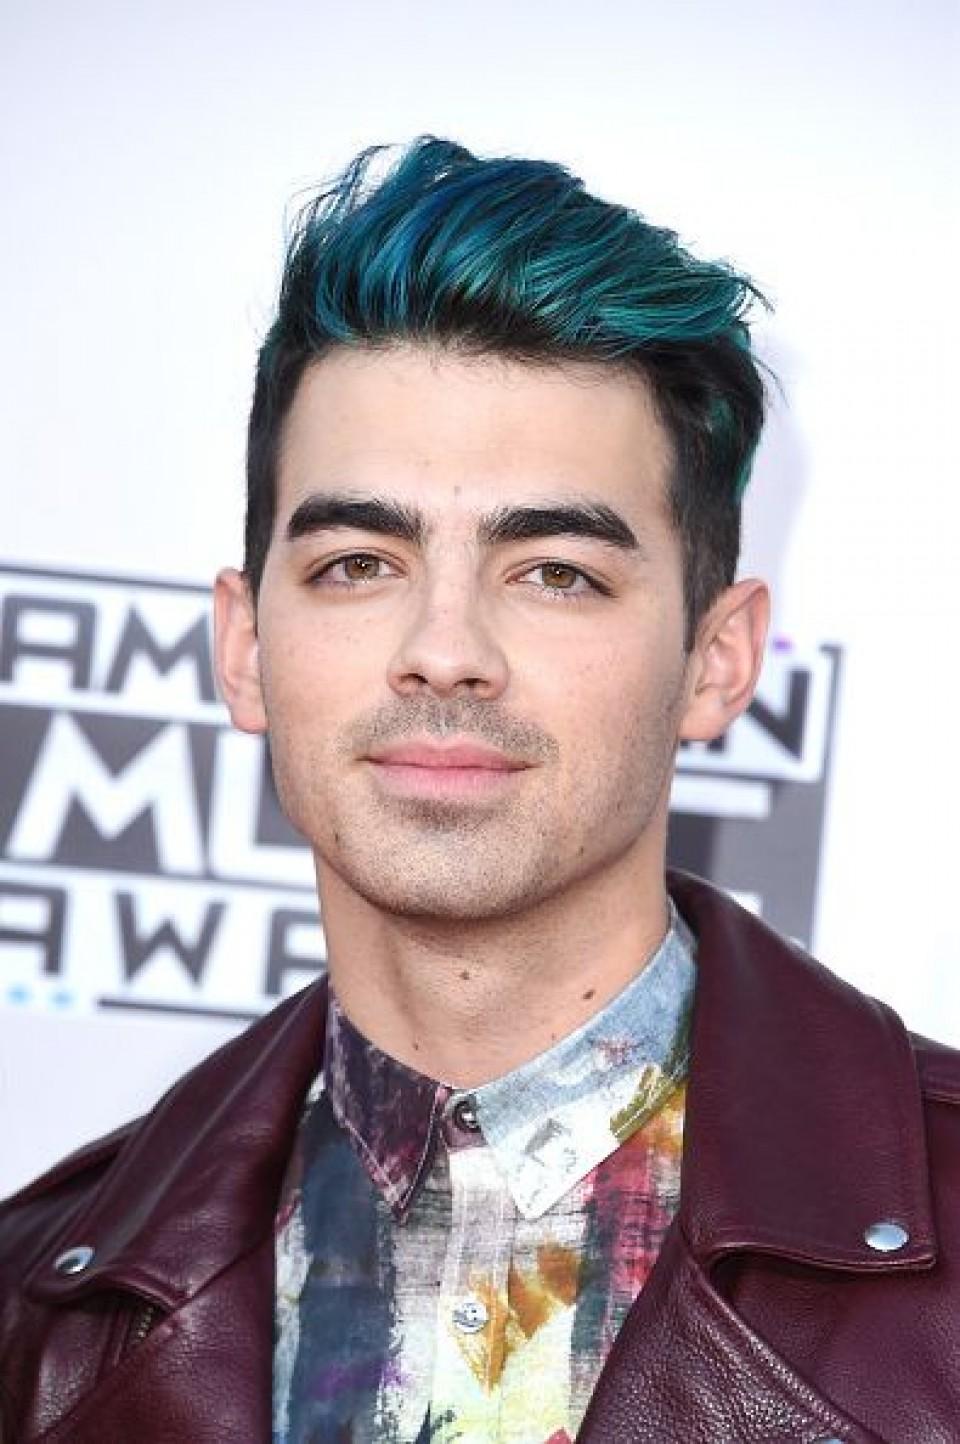 coupe garcon, joe jonas, mèche coloré en bleu, cotés rasés, idée de coupe de cheveux homme dégradé